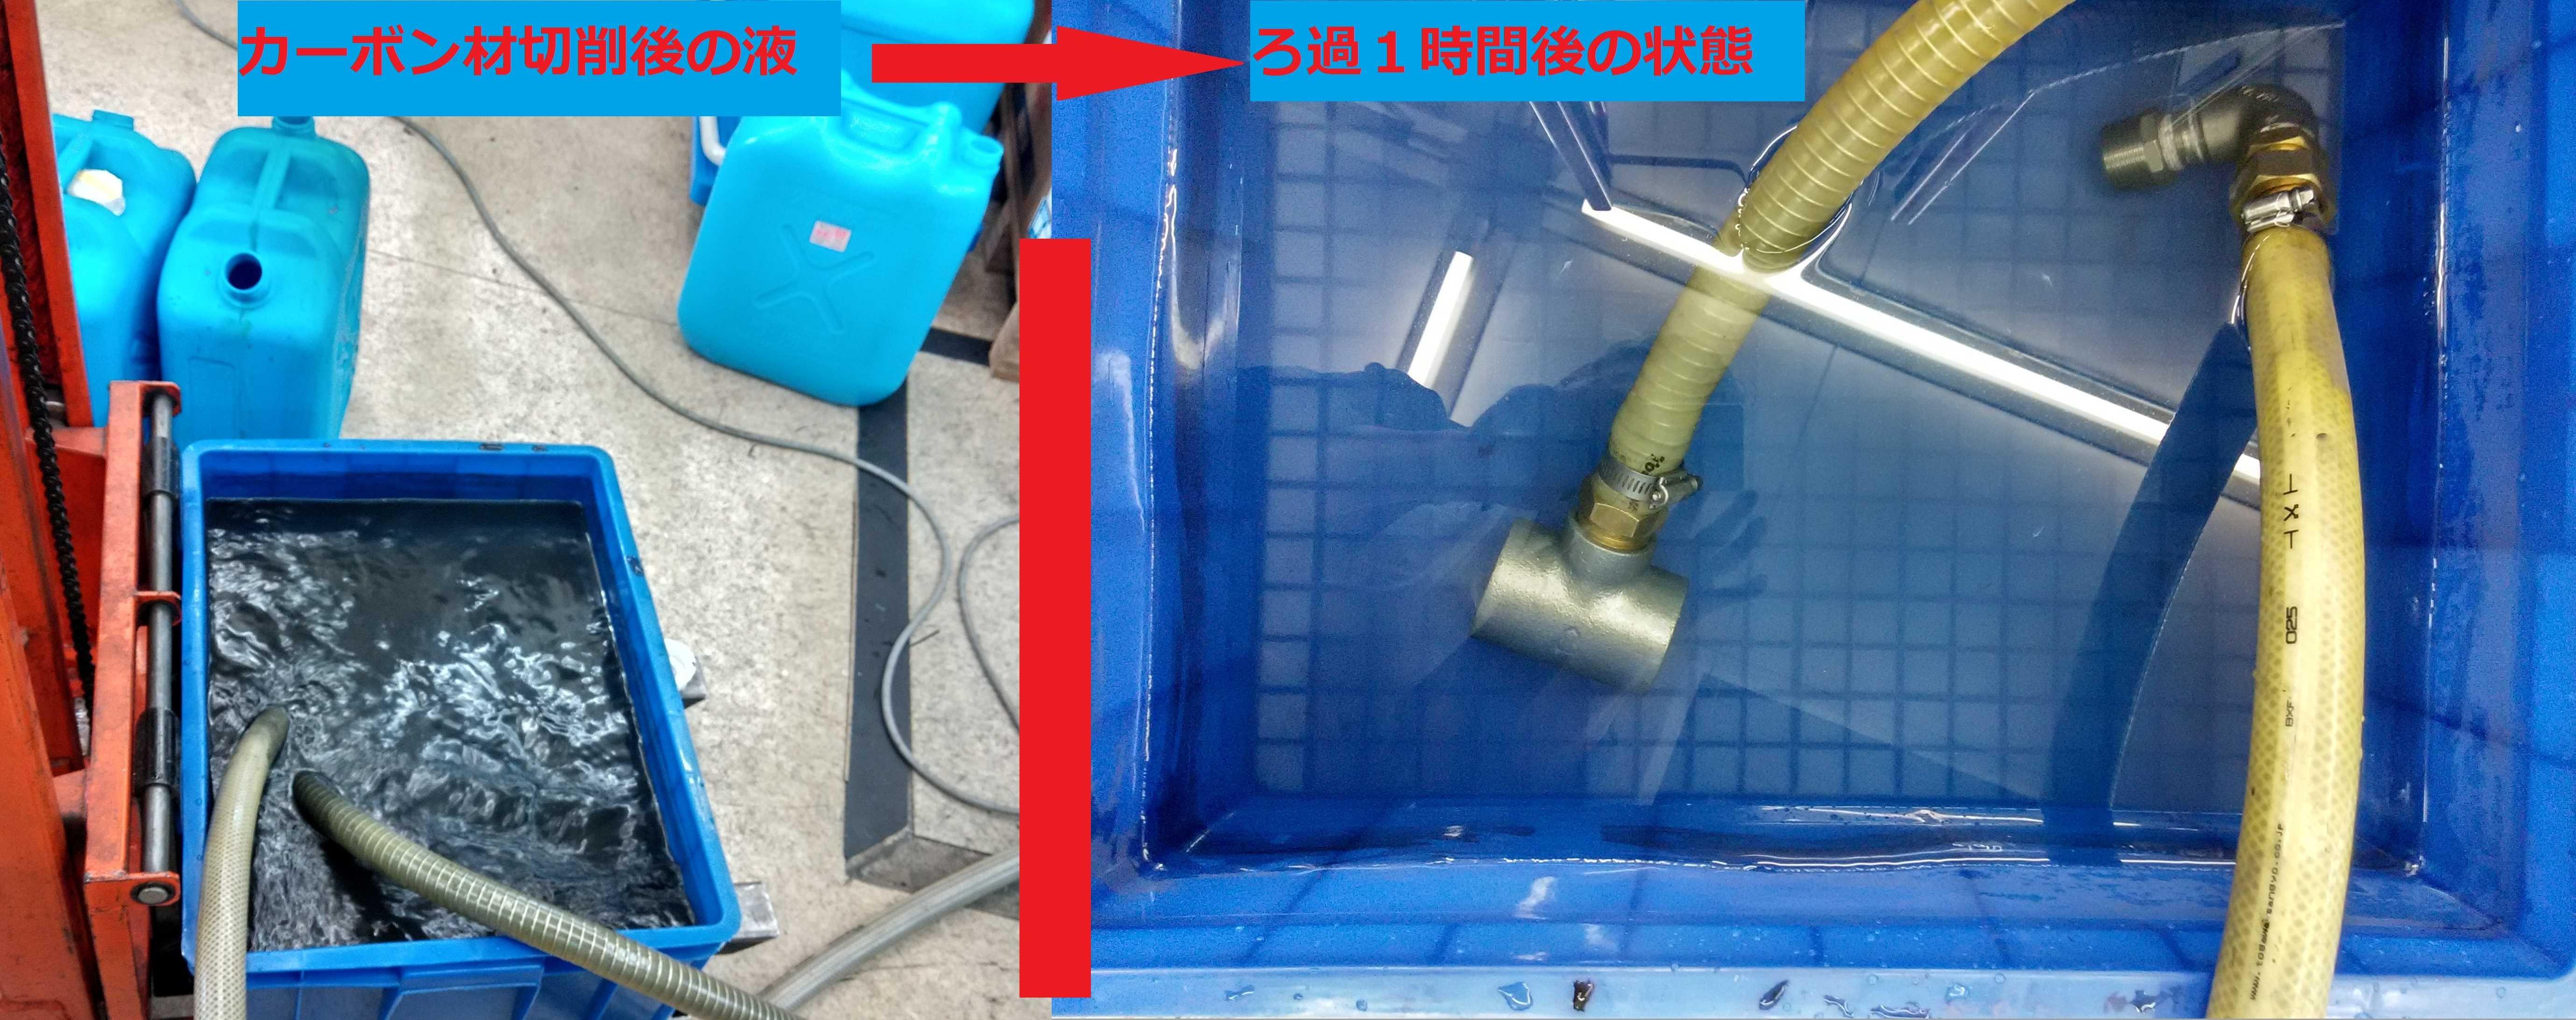 カーボン切削の真空ろ過装置テスト